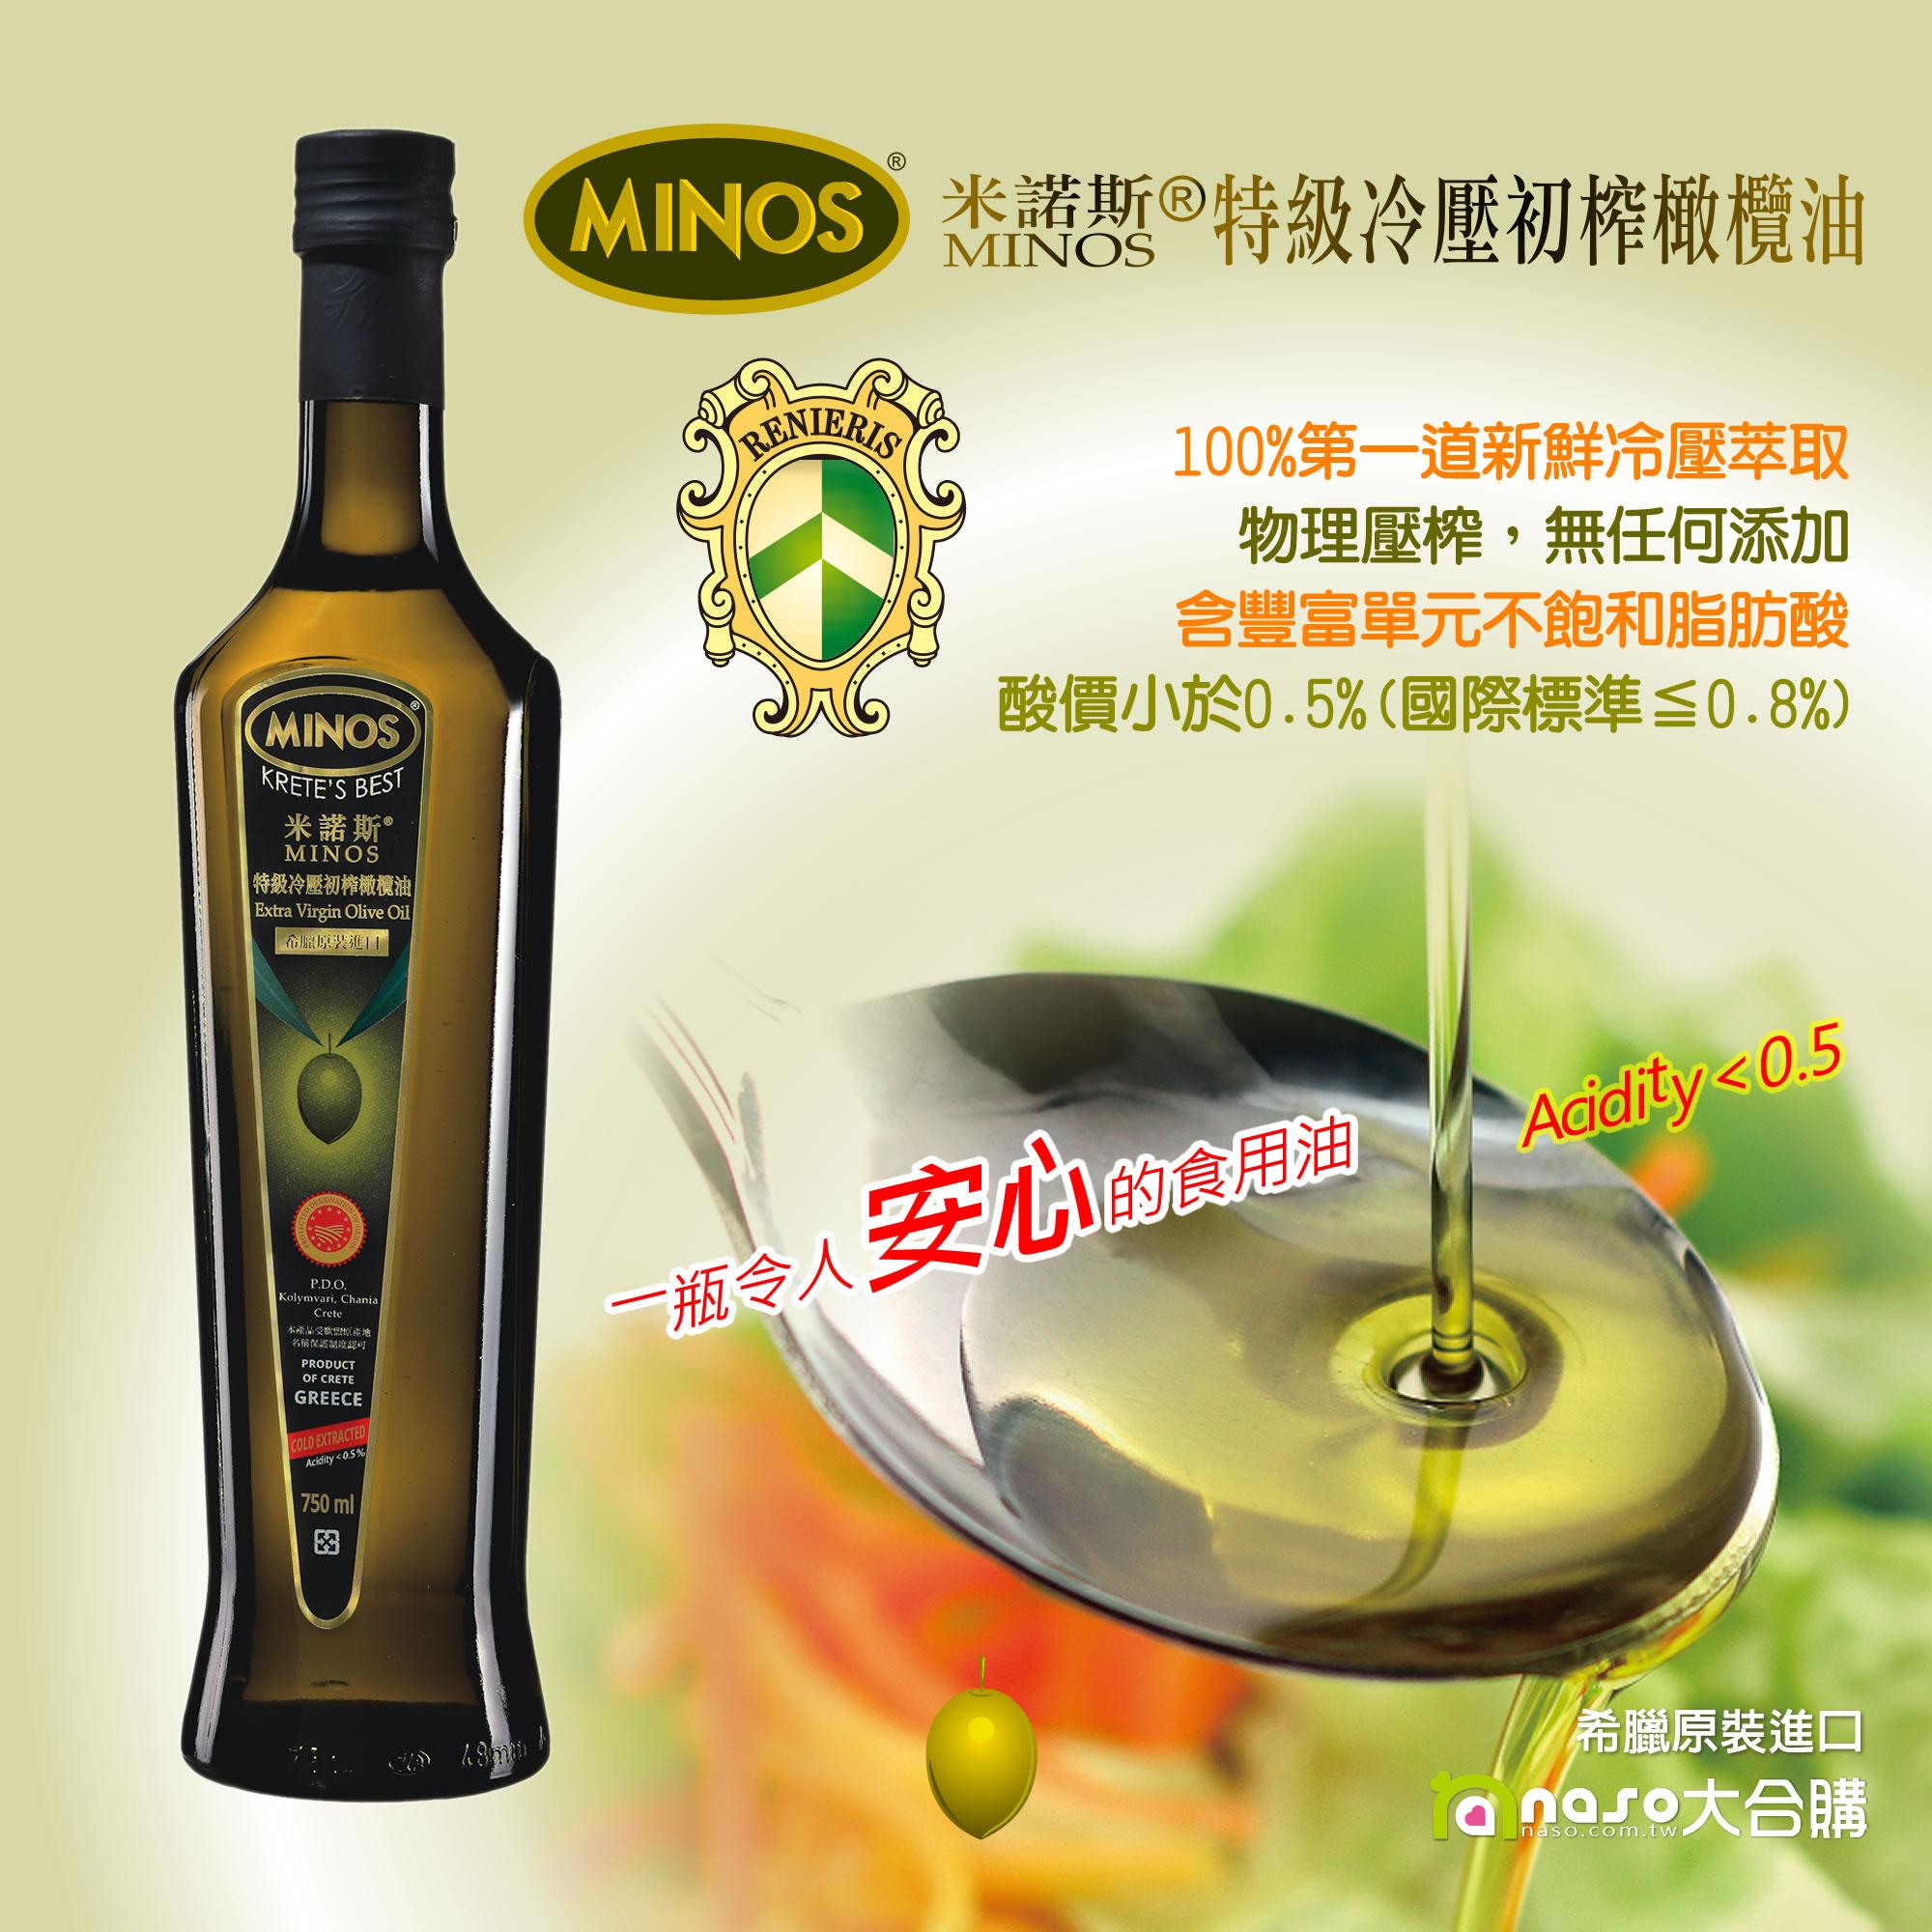 希臘原裝進口-米諾斯MINOS® 特級冷壓 初榨橄欖油 好評第8團